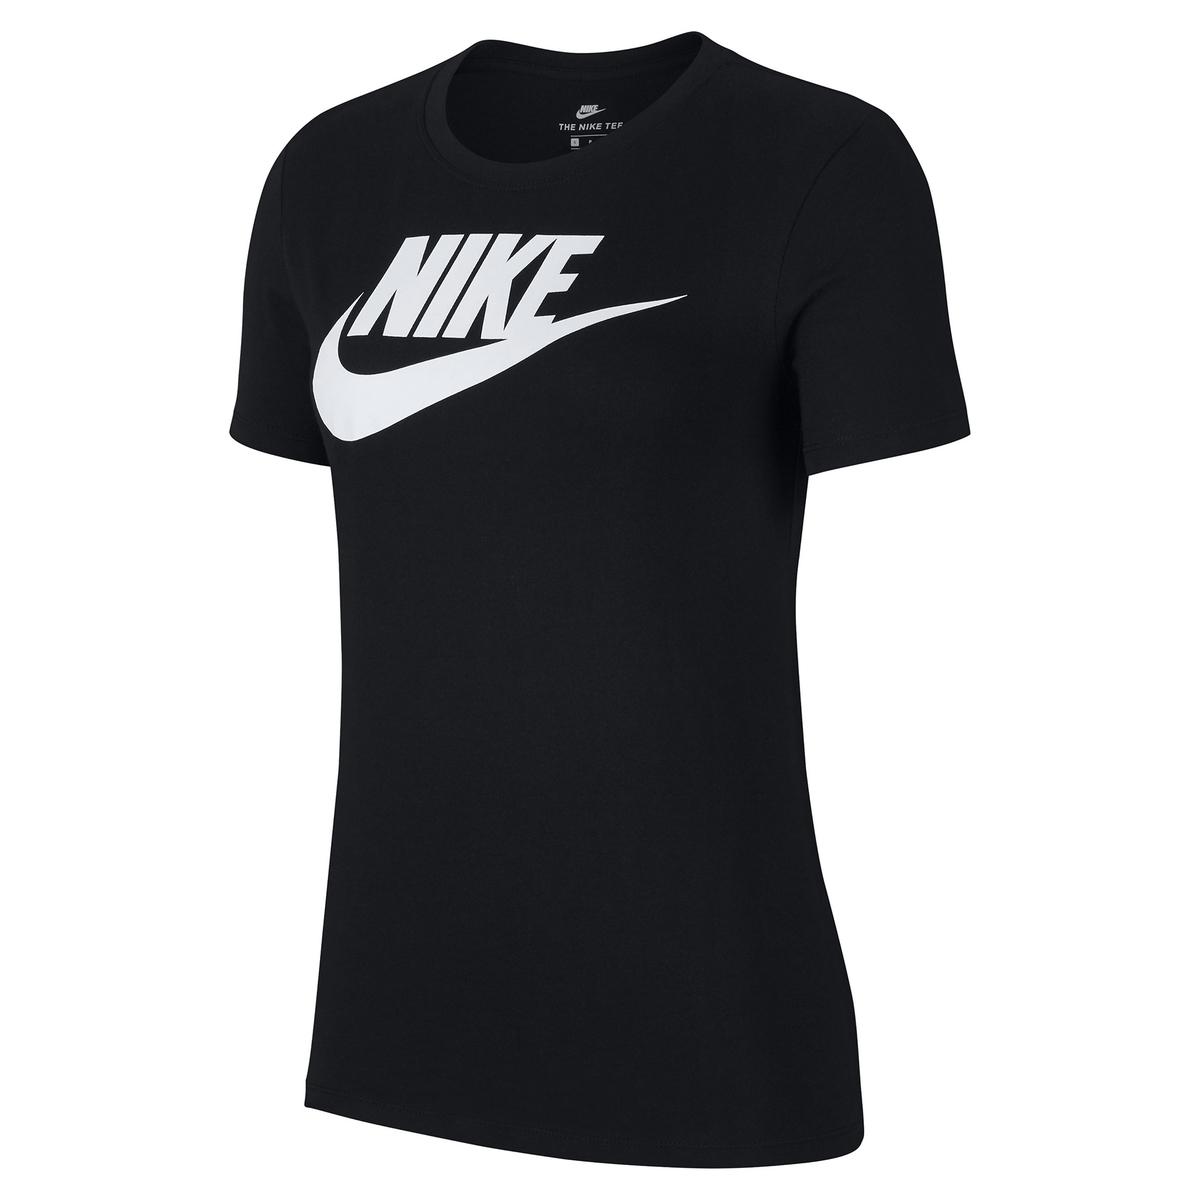 Camiseta con cuello redondo de manga corta, con logotipo Sportswear